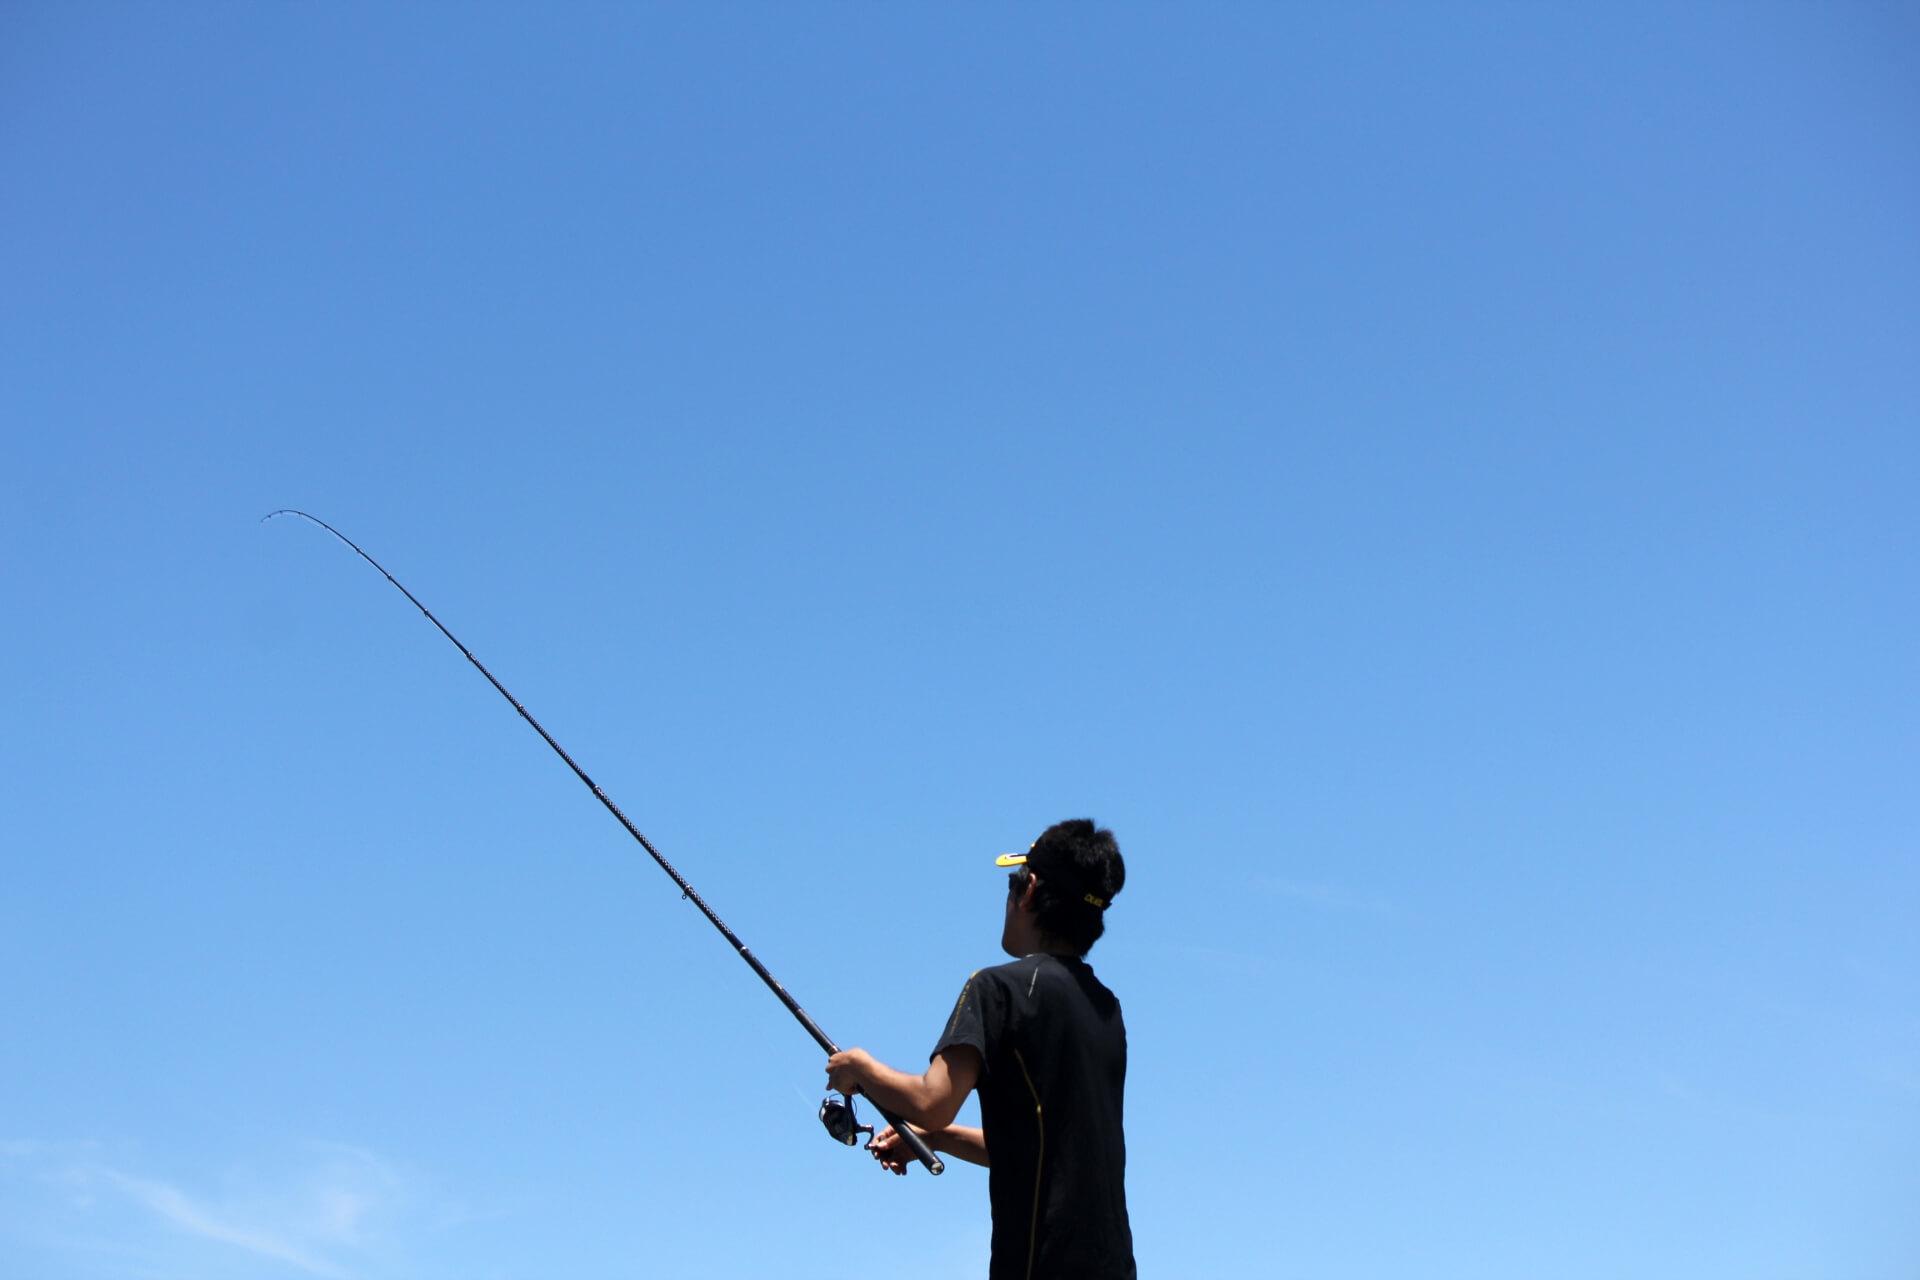 5月の釣りで釣れる魚はこれ!釣りをもっと楽しもう